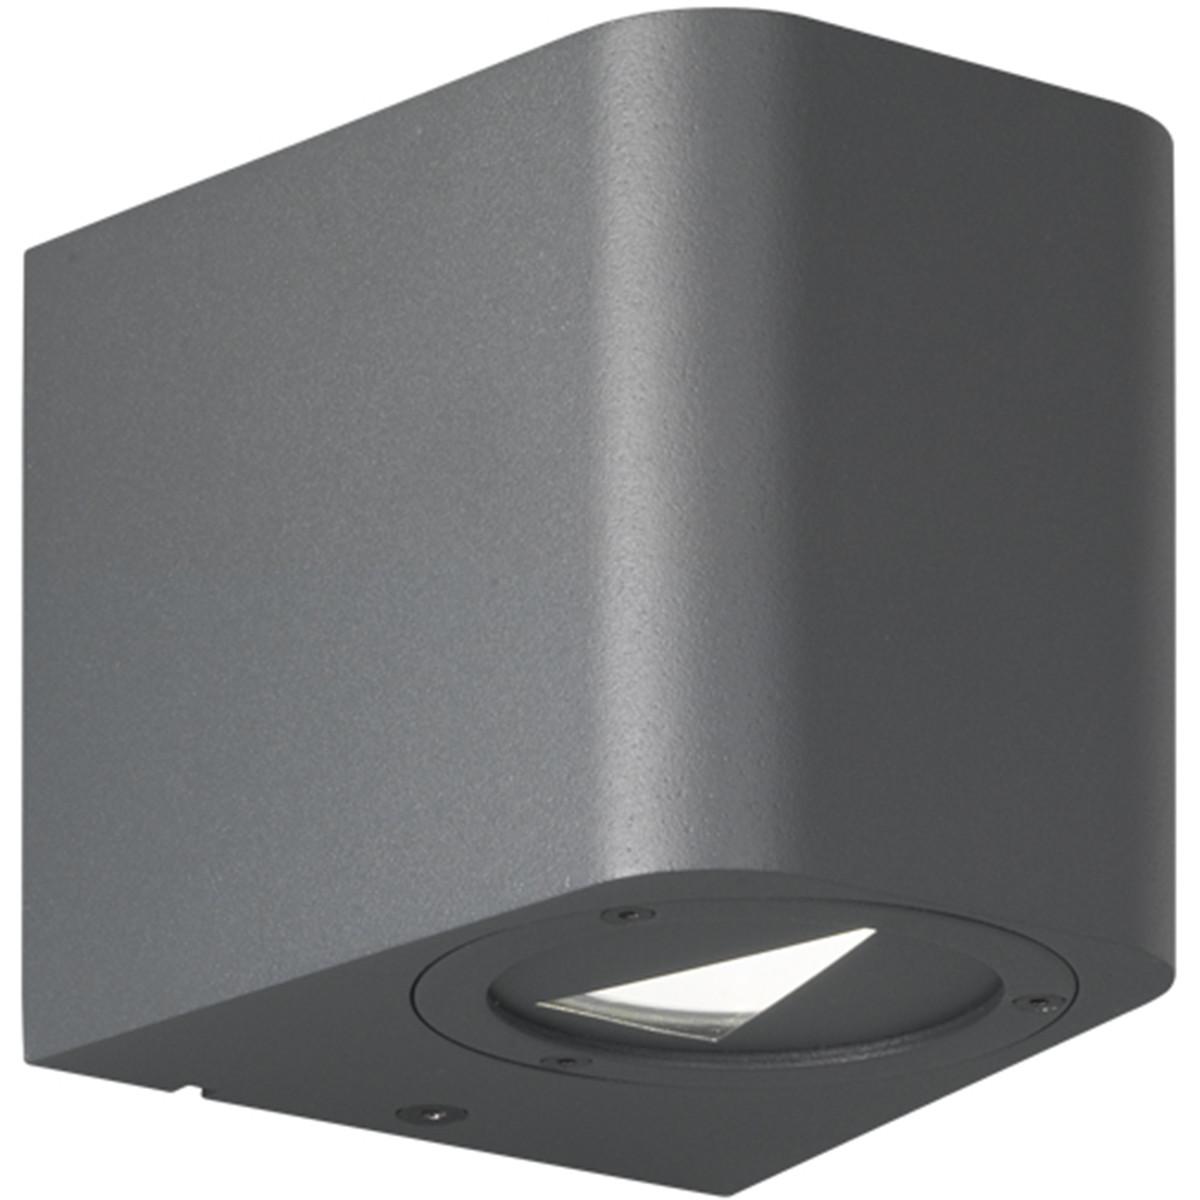 LED Tuinverlichting - Tuinlamp - Trion Bigoti - Wand - 6W - Mat Zwart - Aluminium